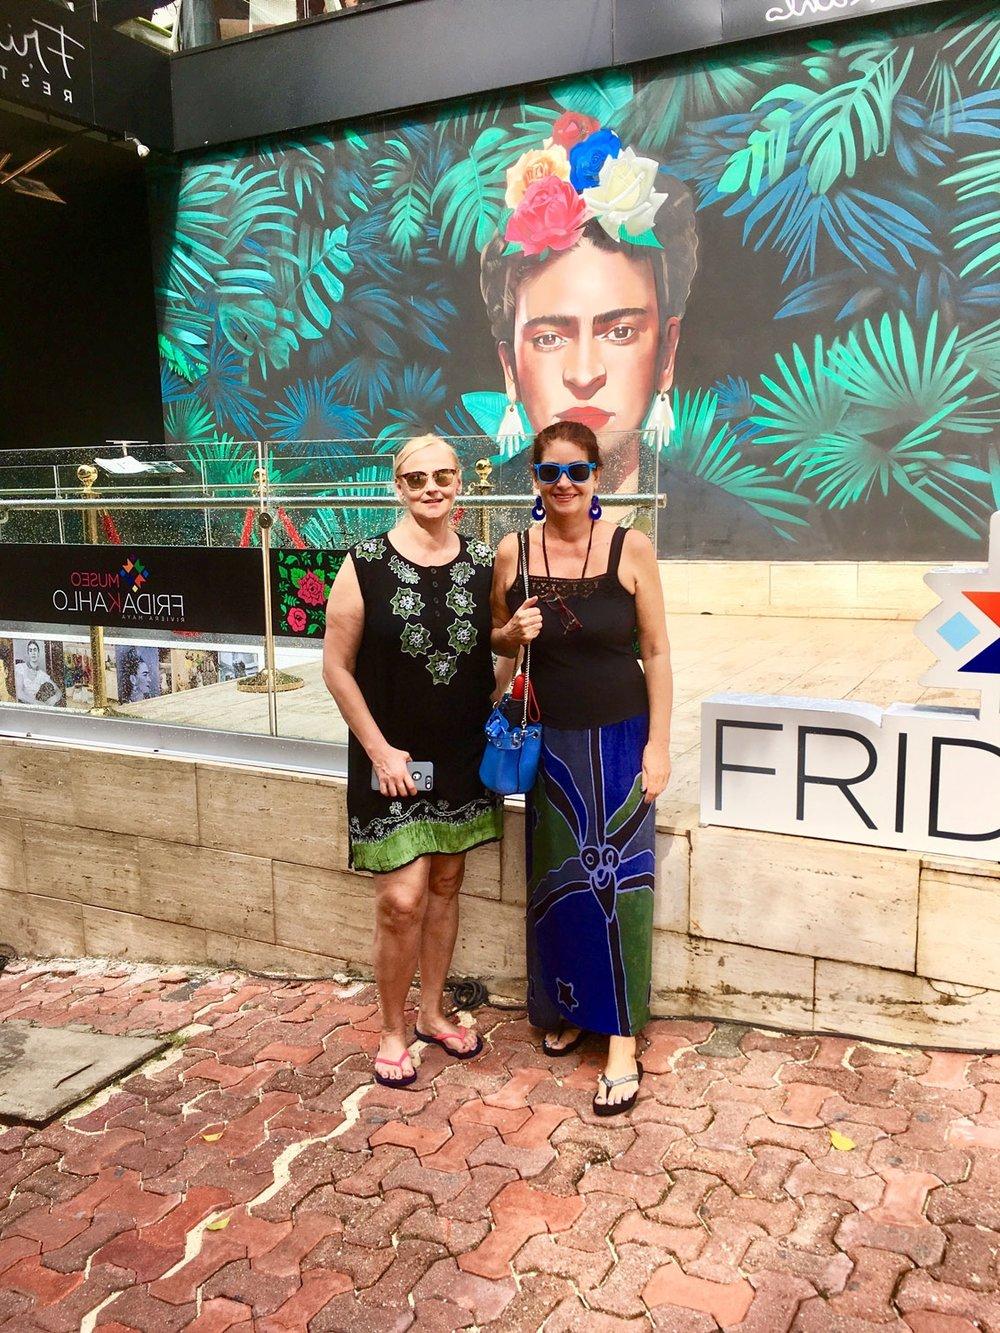 Outside the new Frida Kahlo Museum. Left: A souvenir shop.